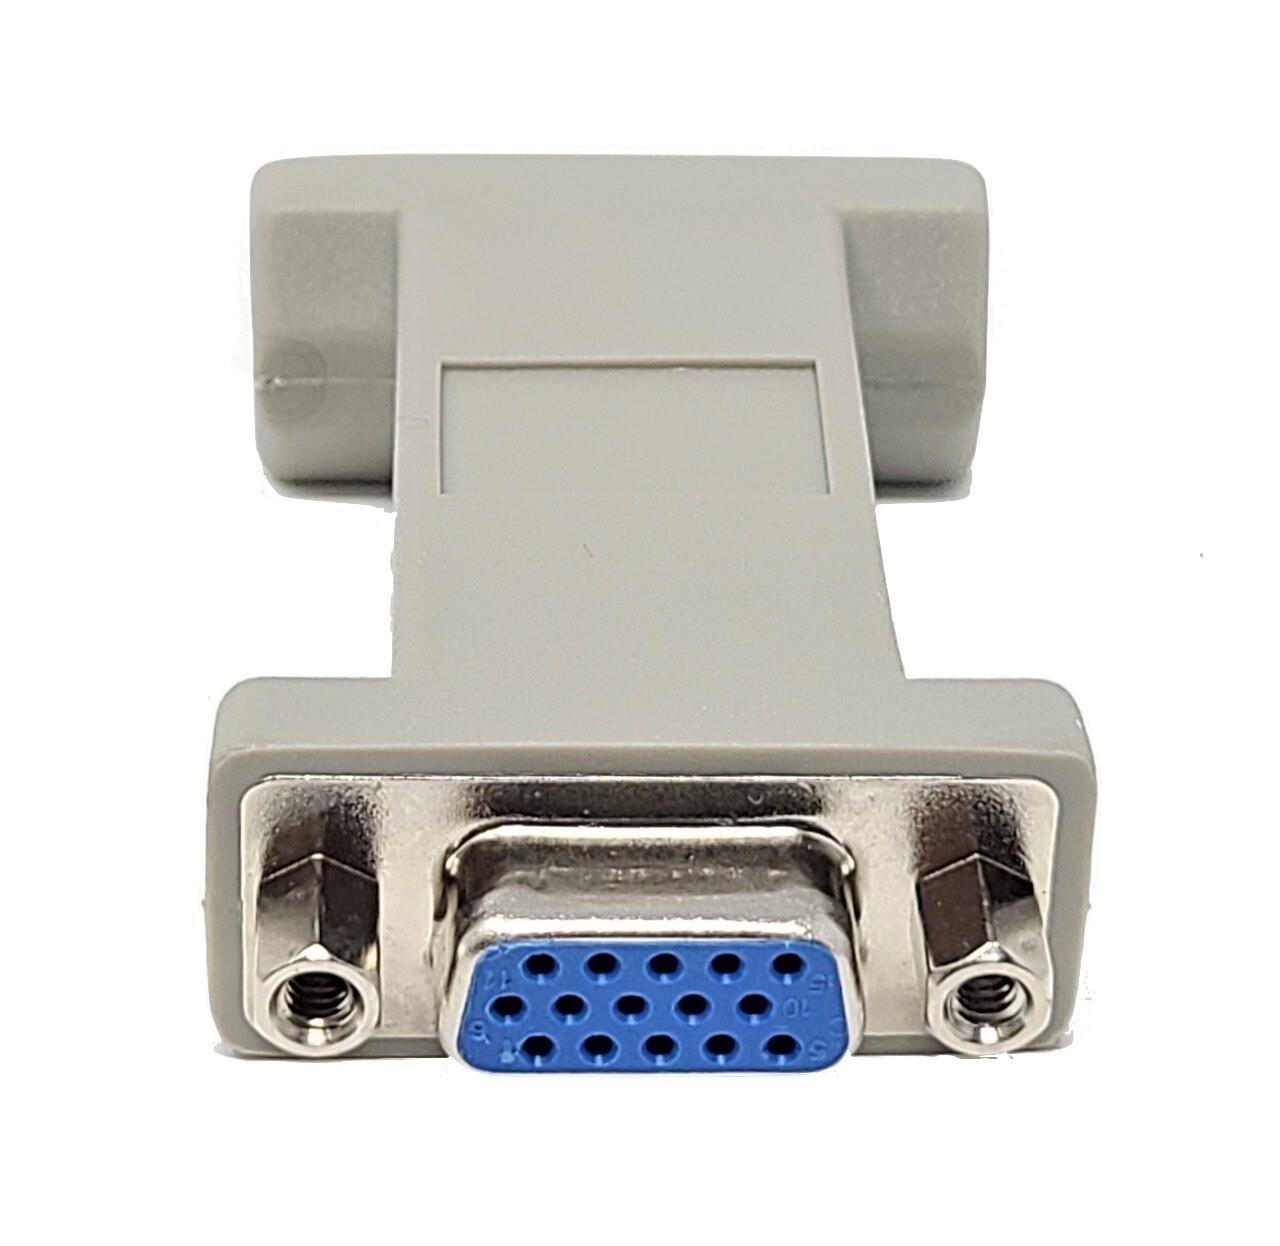 DB9 Female to HD15 Female (VGA) Adapter